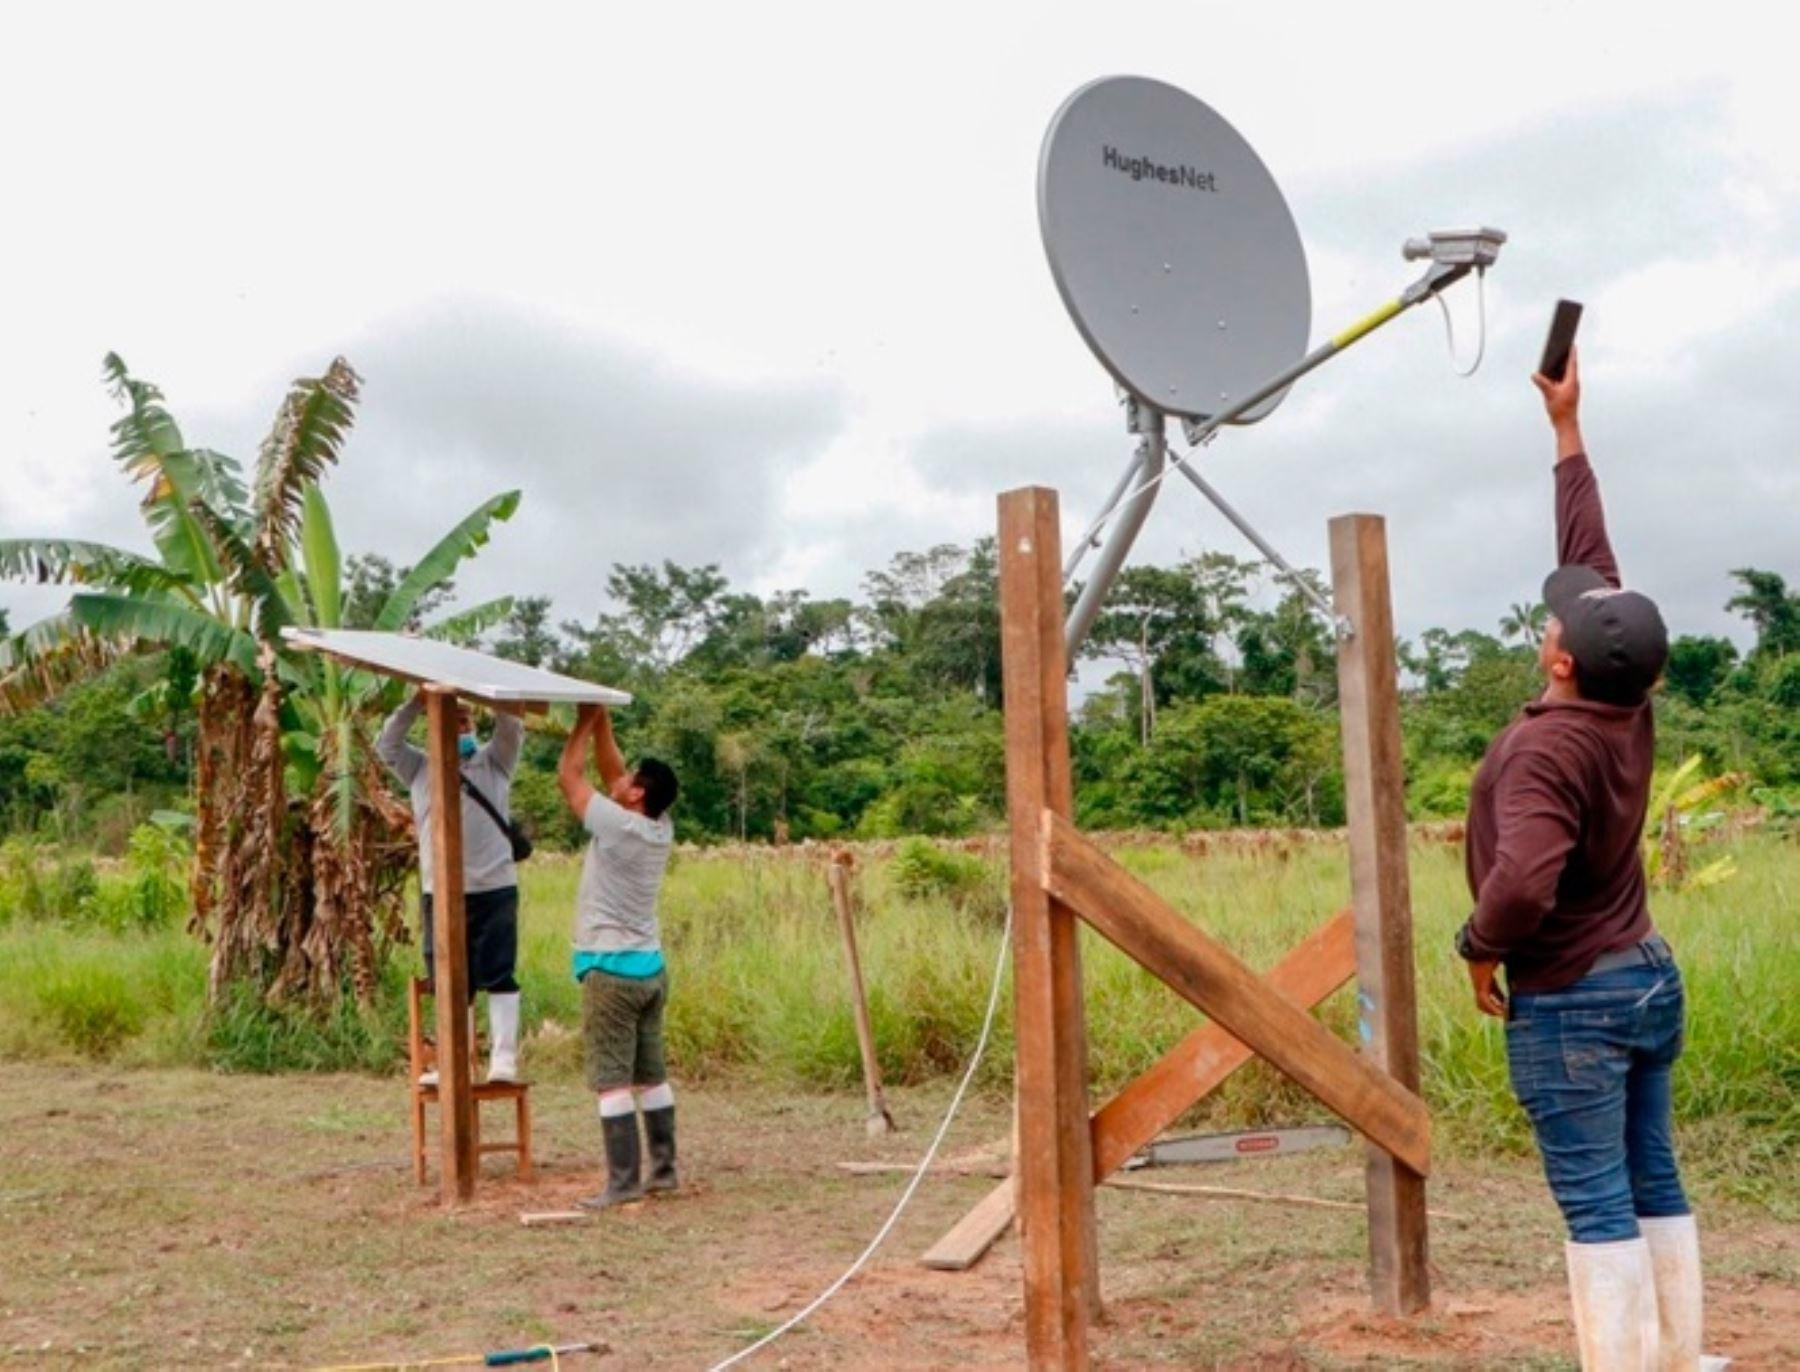 Cáritas del Perú y la Arquidiócesis de Friburgo donaron paneles solares e internet satelital a comunidades indígenas de Madre de Dios. ANDINA/Difusión